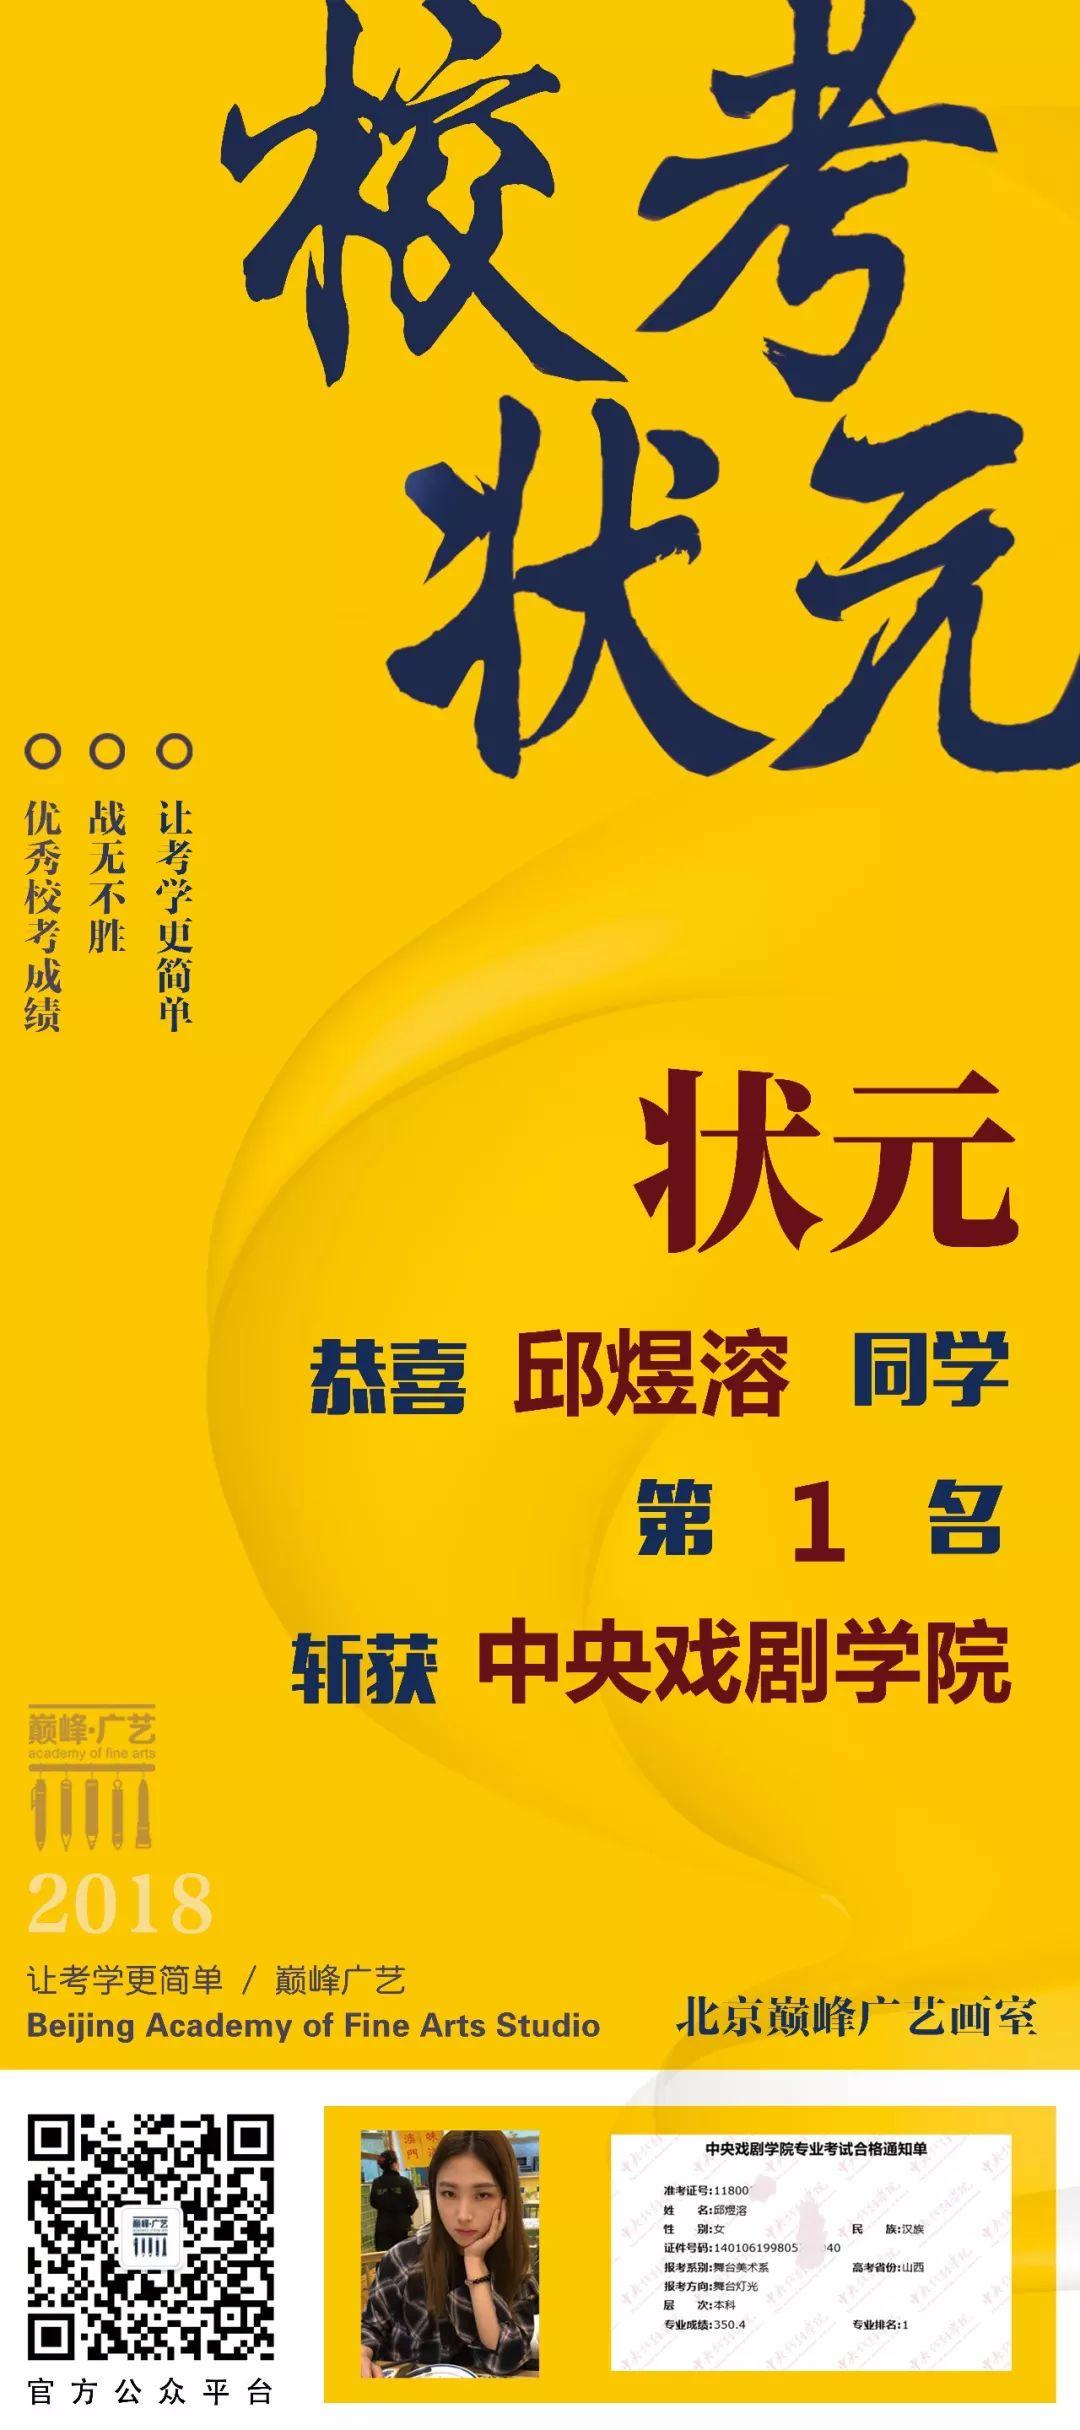 中国传媒大学,北京电影学院,中央戏剧学院,北京巅峰广艺画室       53